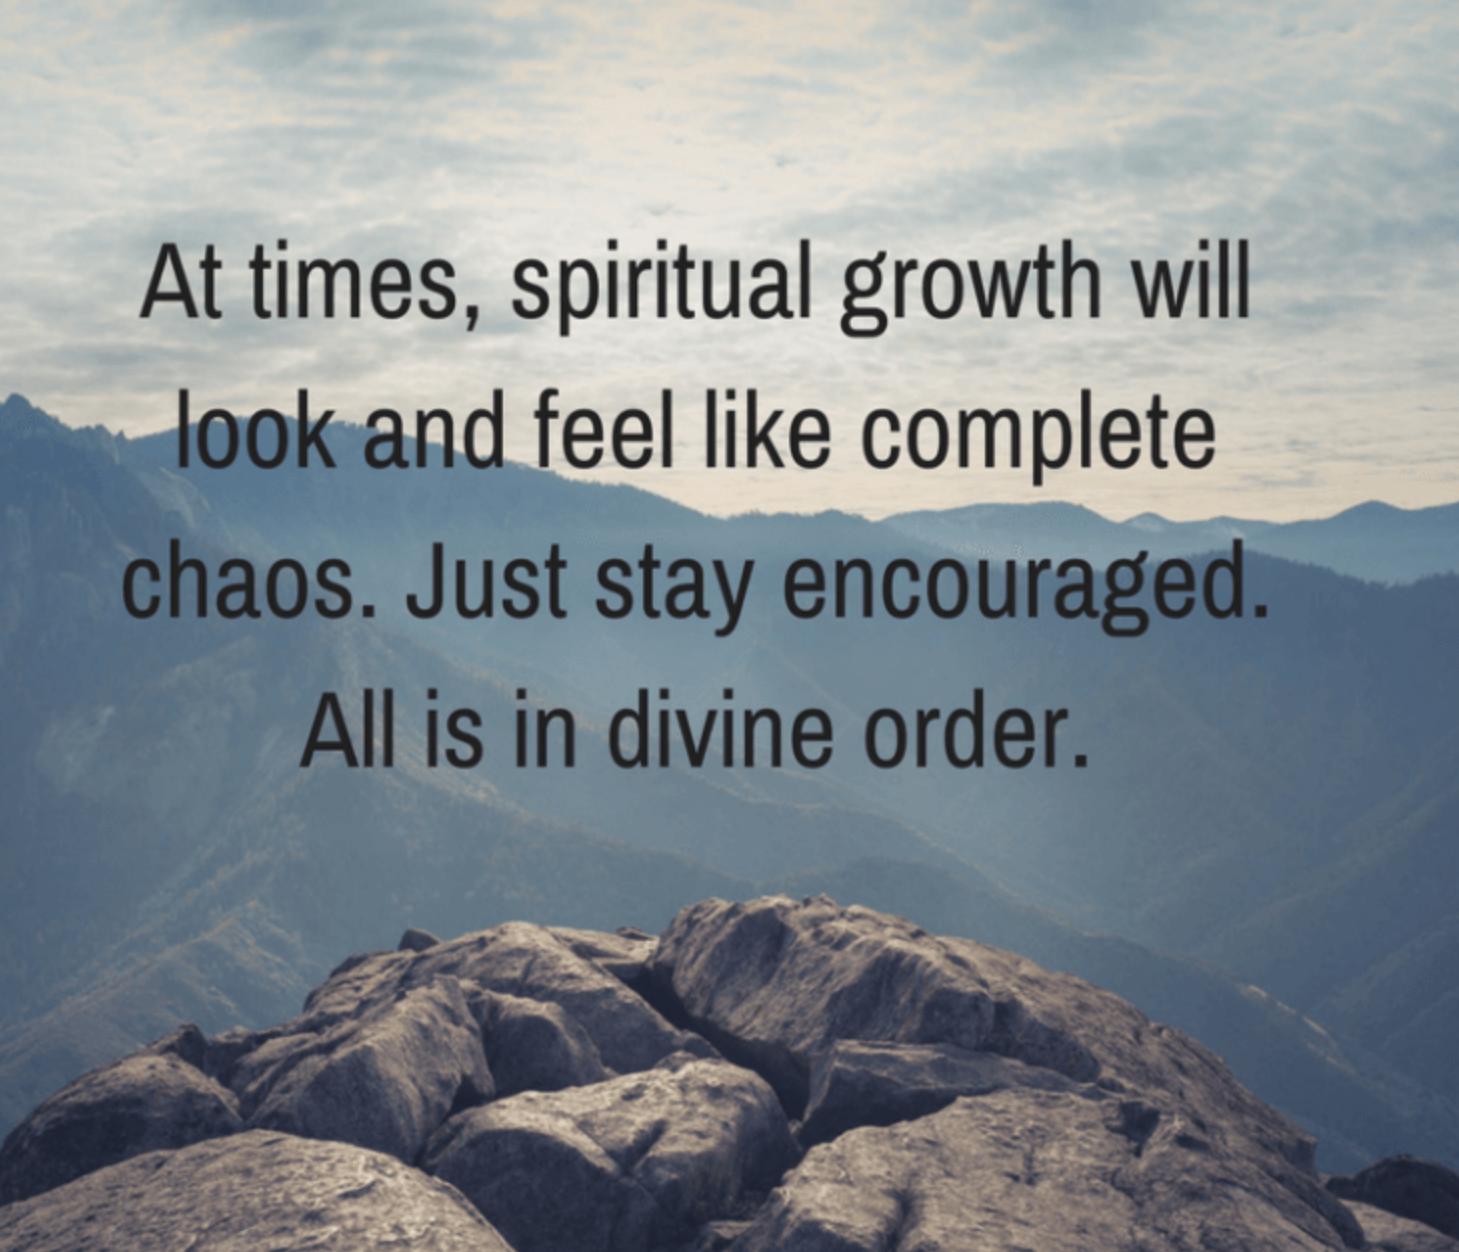 soul coach soul purpose life coaching soul purpose life purpose life coaching purpose life soul purpose life coach inner wisdom guidance spiritual healing